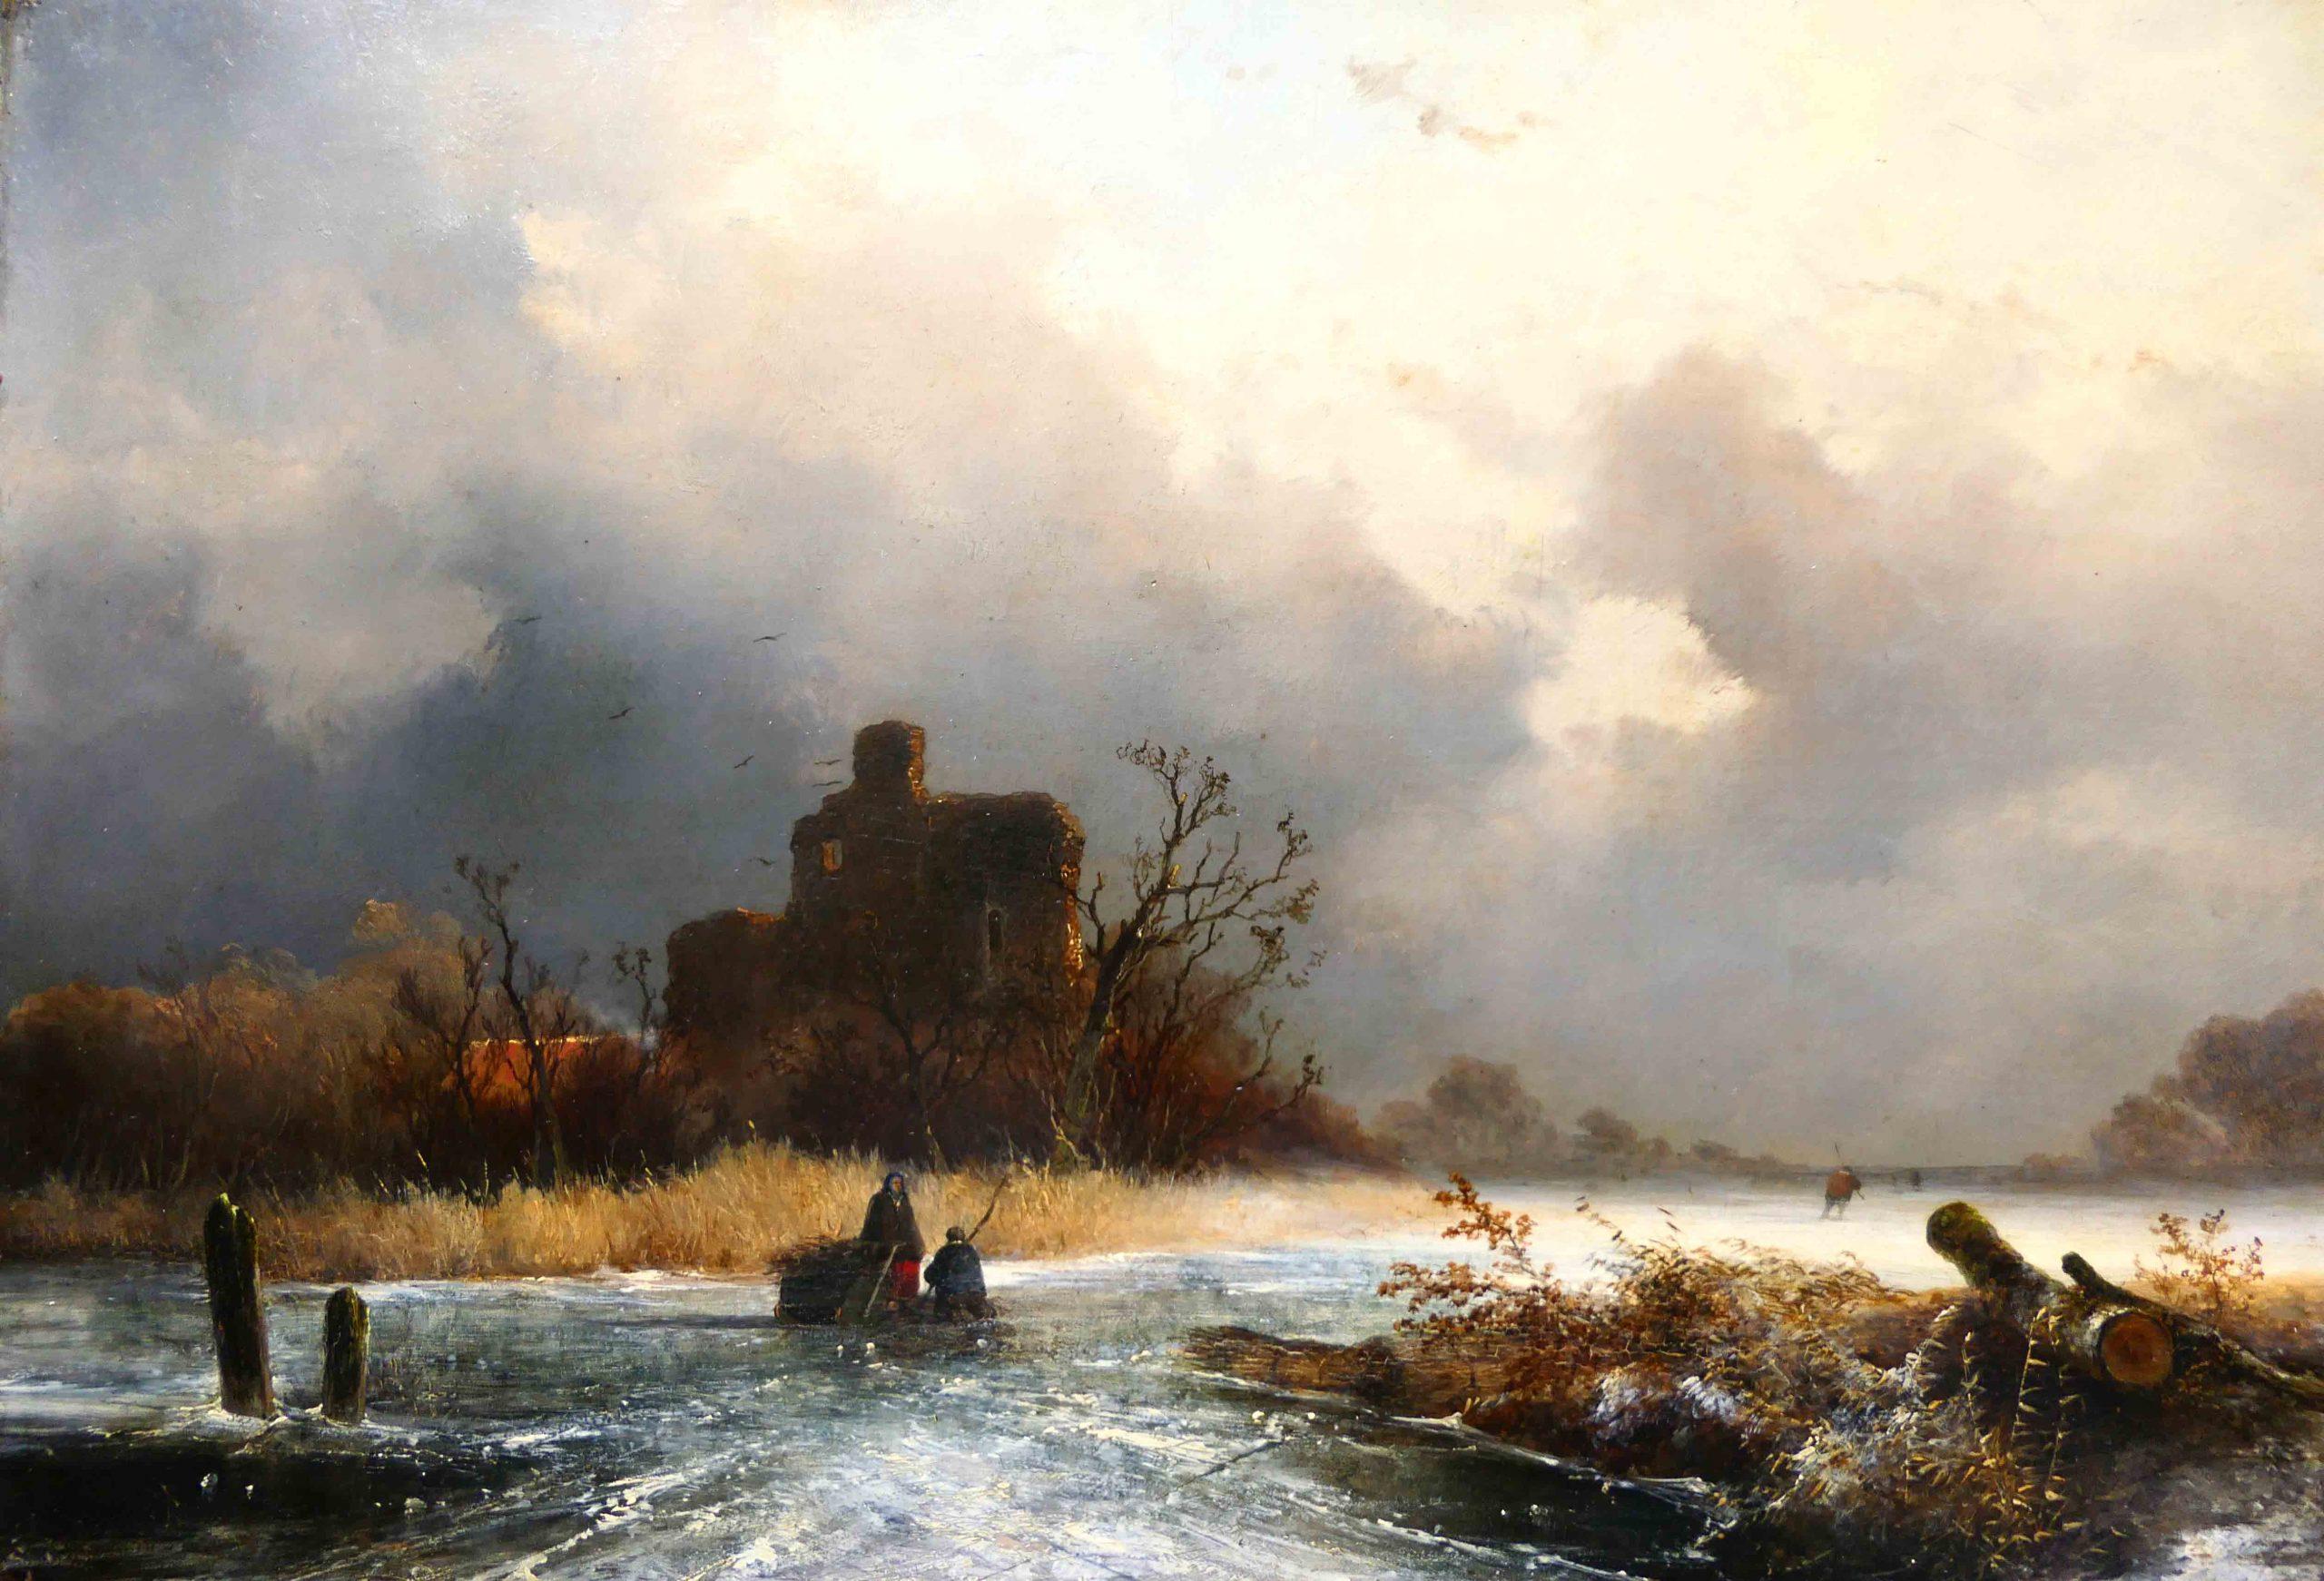 Johannes Franciscus Hoppenbrouwers - houtsprokelaars op het ijs bij een ruine - Liquid Sky Gallery - t